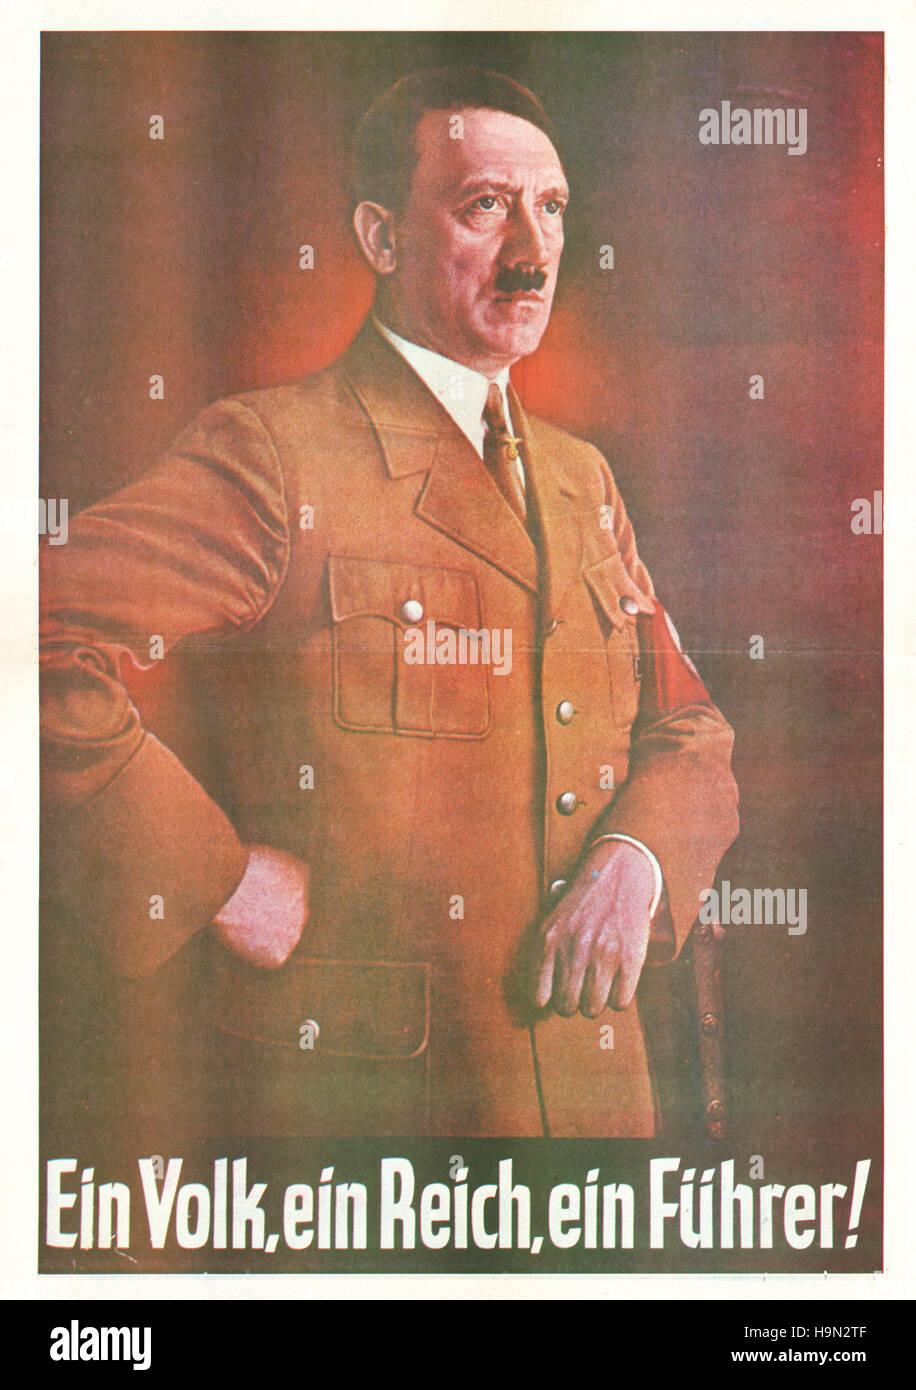 1930s Adolf Hitler 'Ein Volk, Ein Reich, Ein Führer' poster - Stock Image